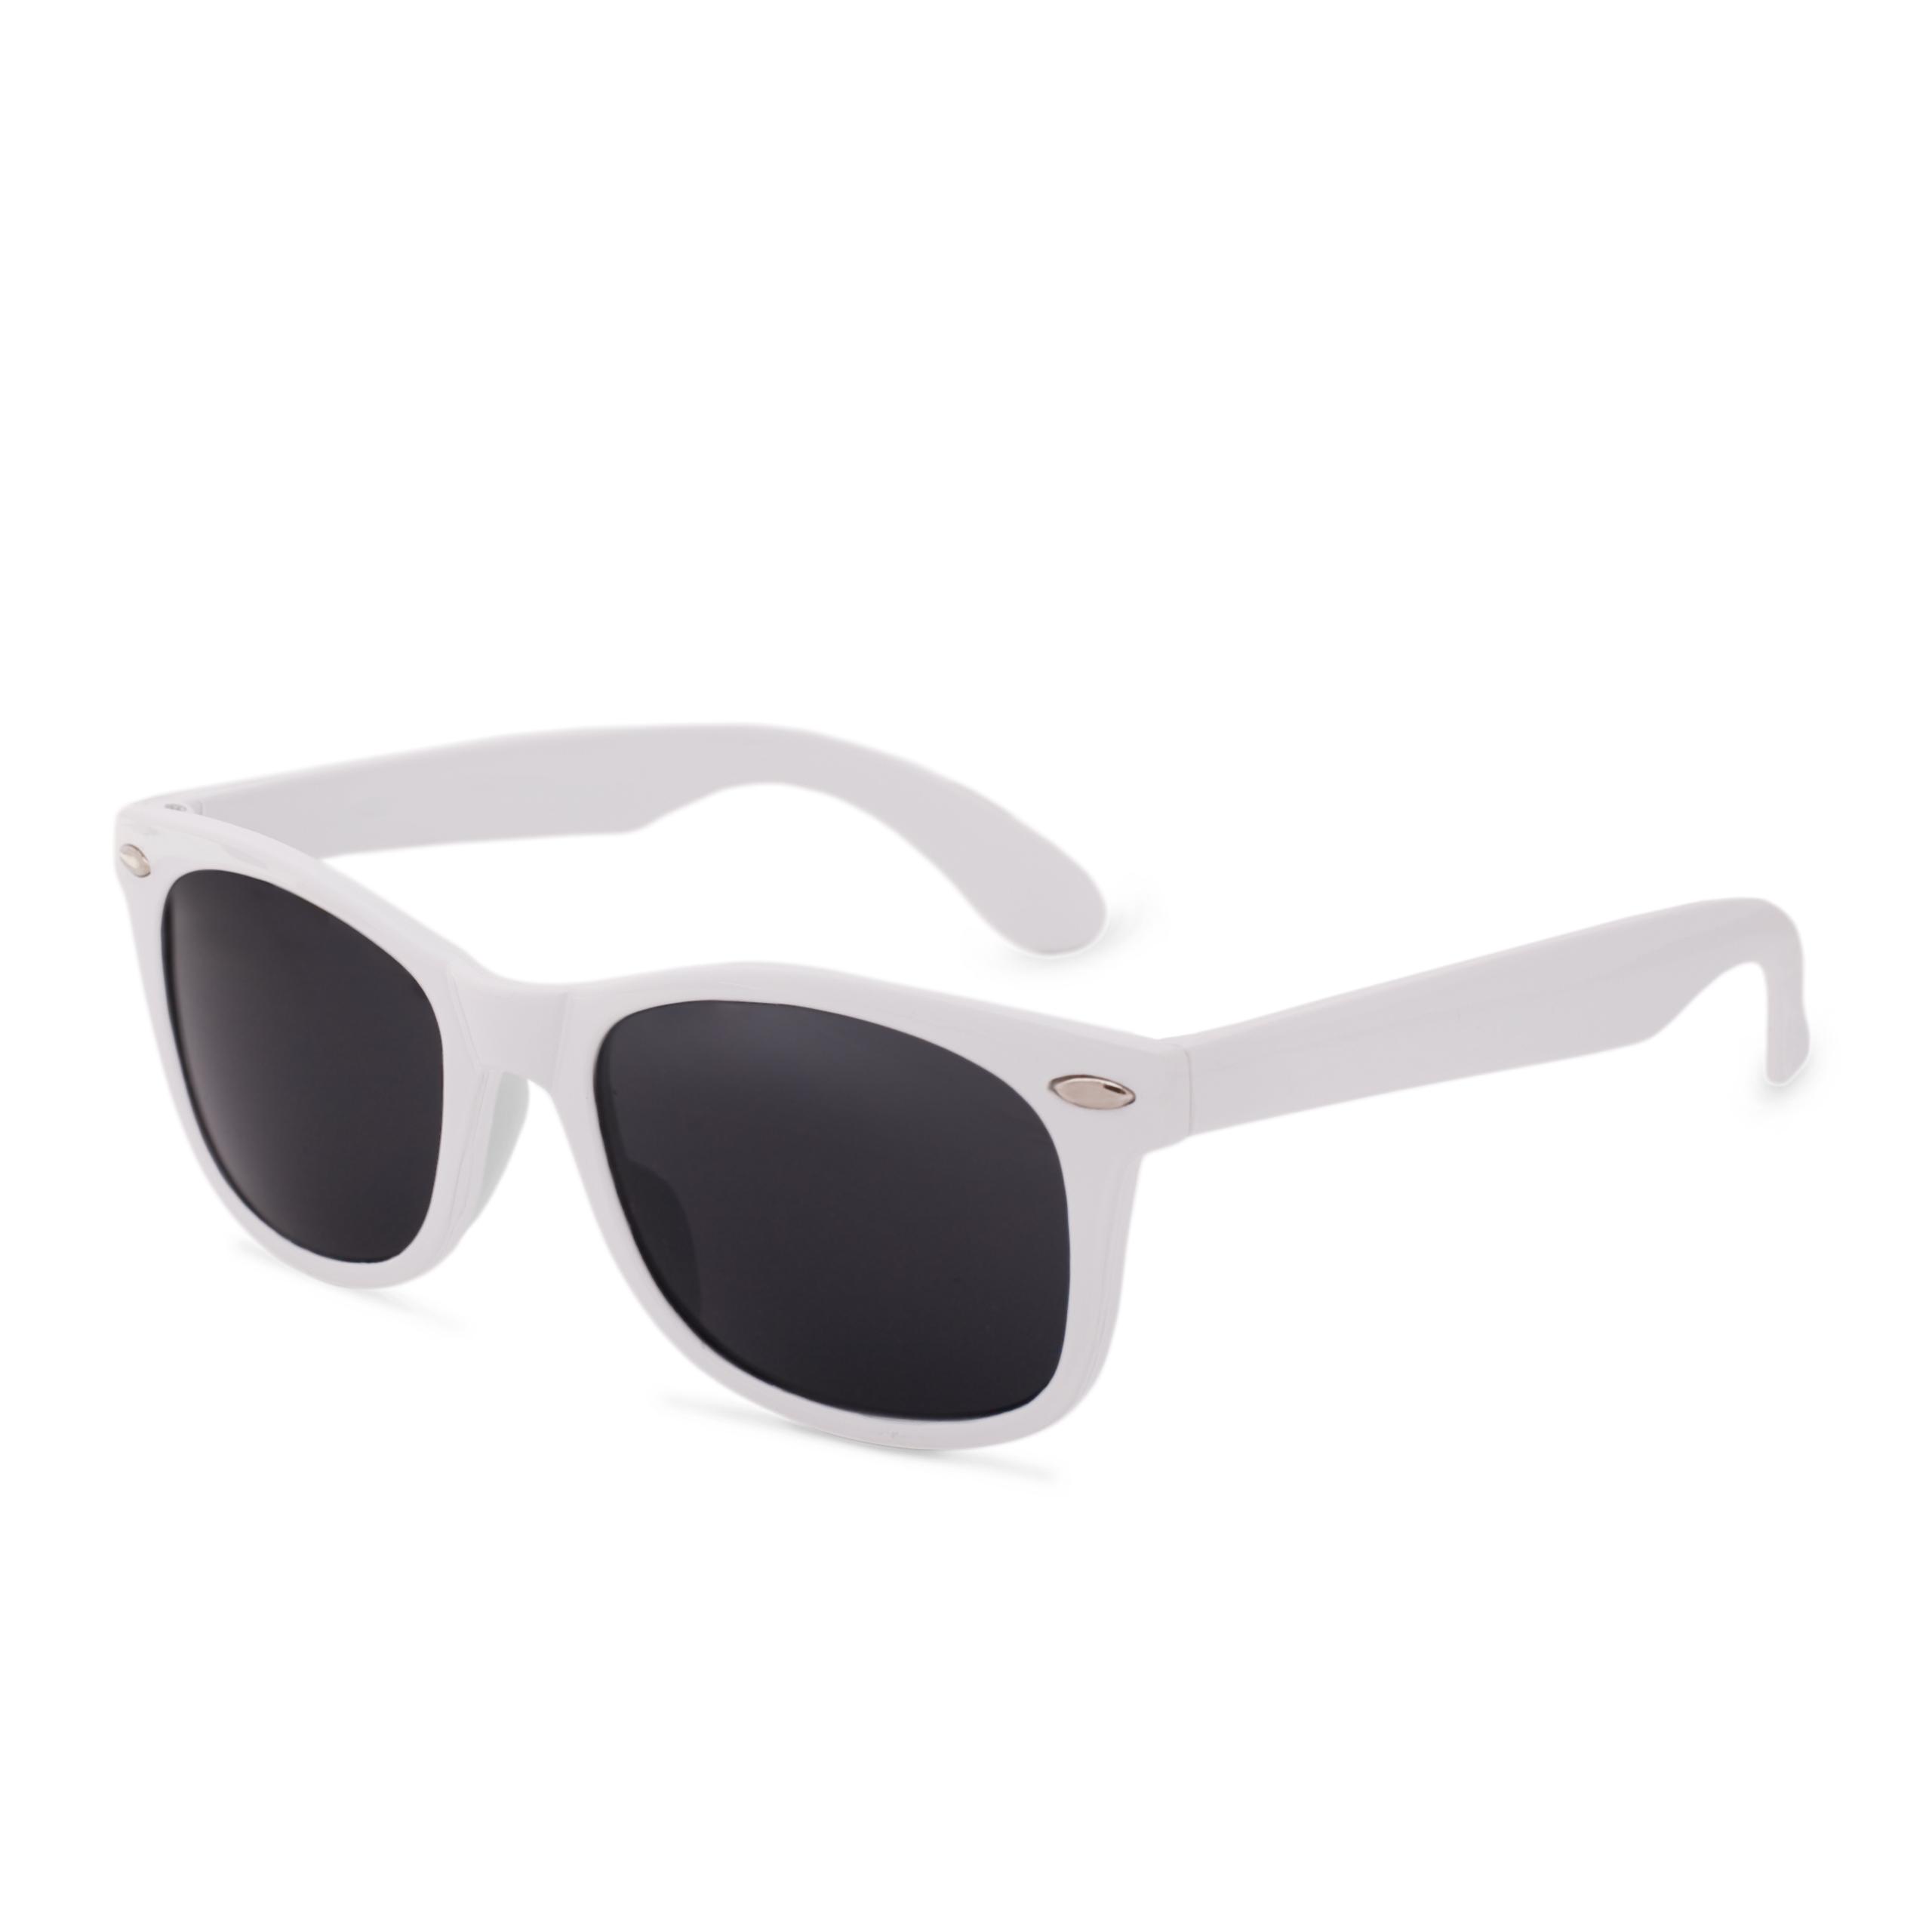 Leben Damen Sonnenbrille Weiß weiß eJKXQ